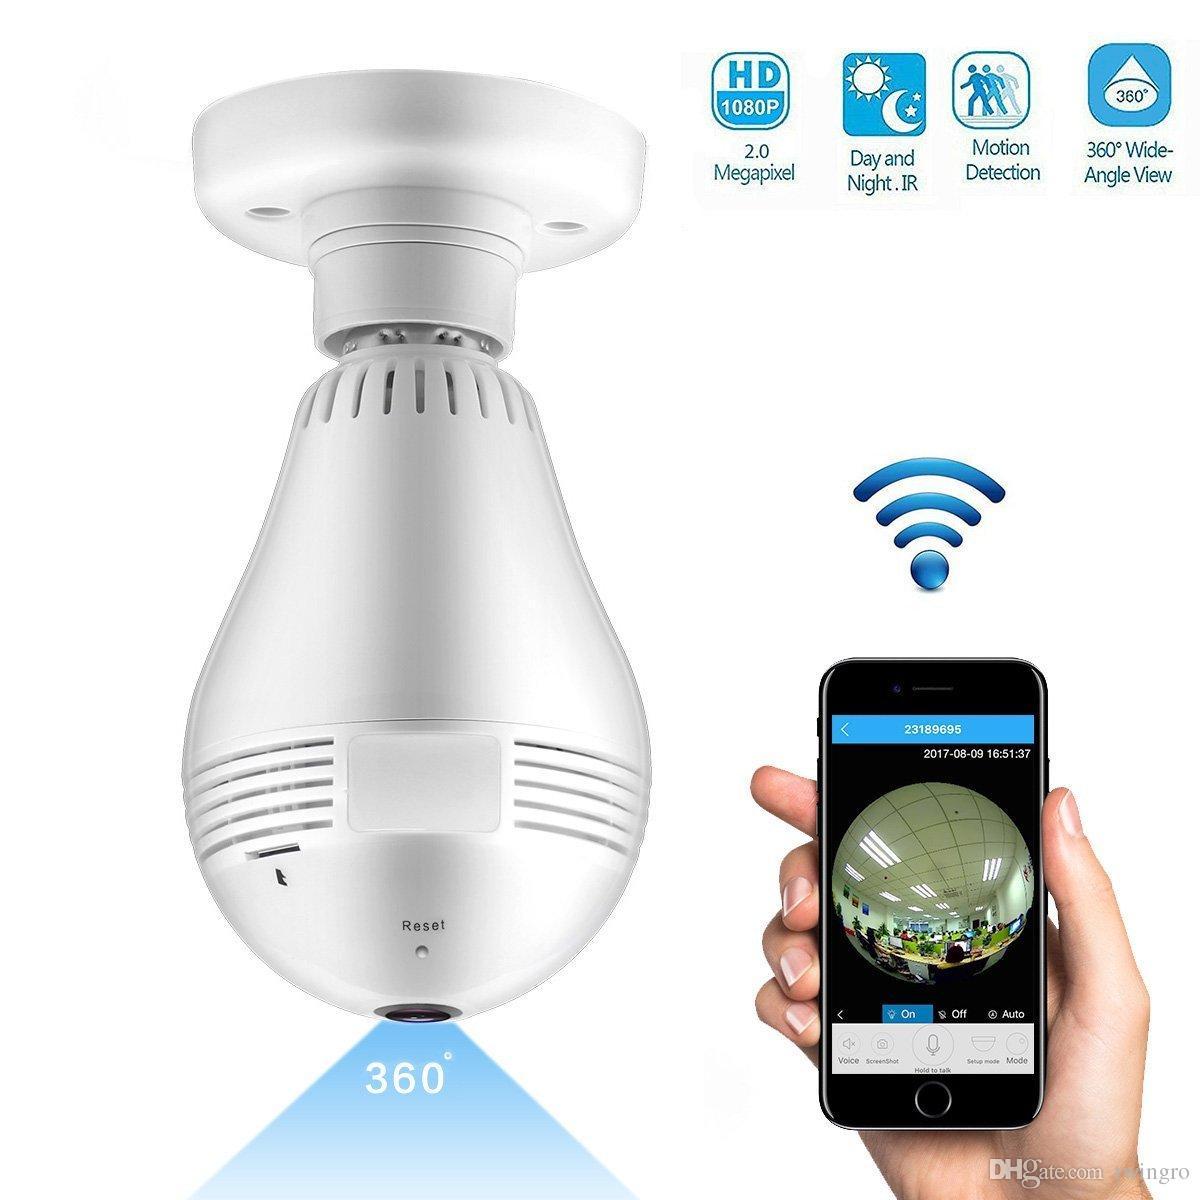 WiFi Light Bulb Telecamera di sicurezza 1080P HD Fisheye LED Light 360 ° Live Feed Lampadina Telecamera dome 2 vie Audio Indoor Remote Home Sorveglianza